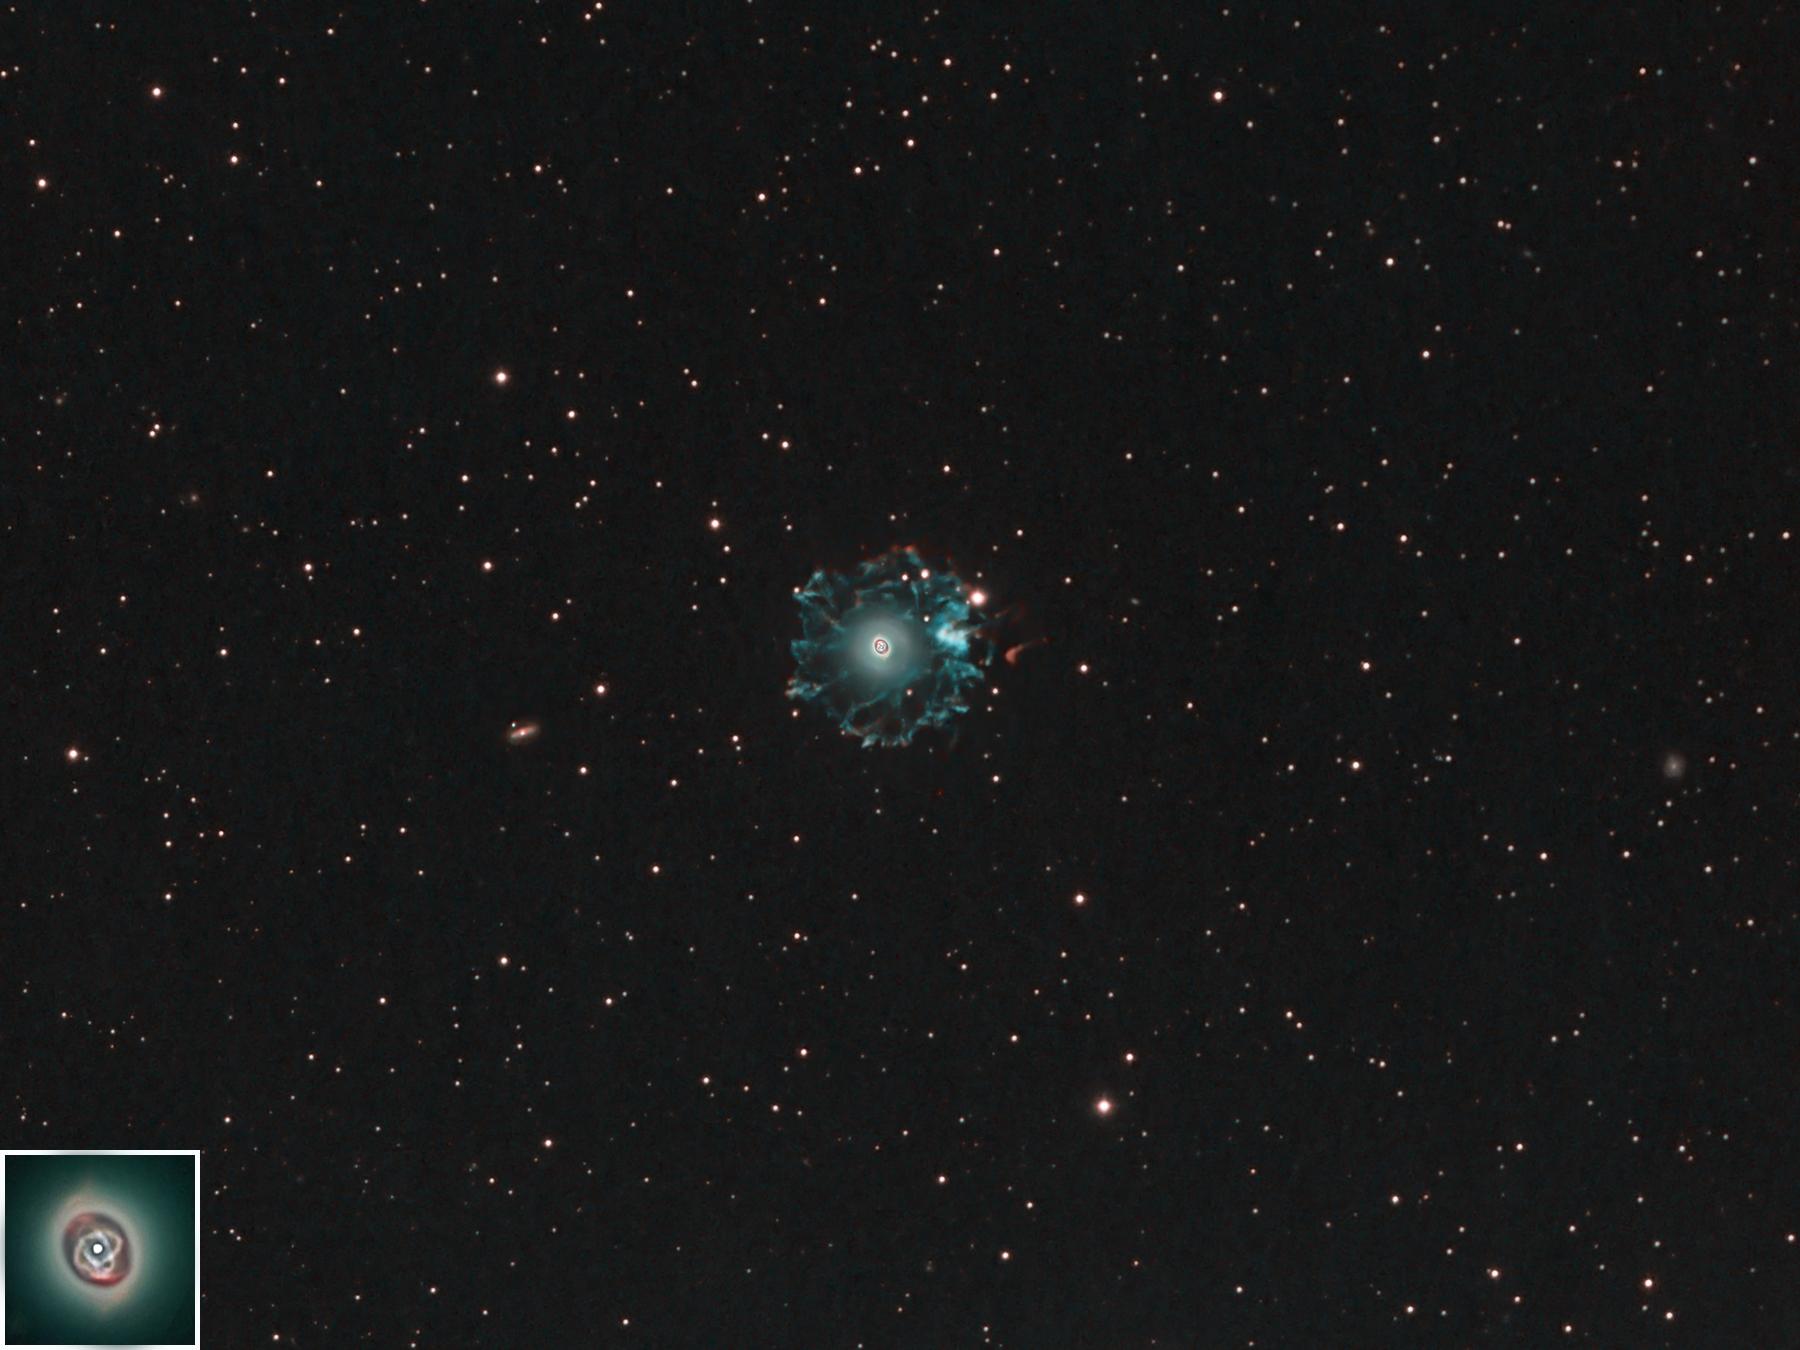 2014-03-13 11-27-22 – 2014_03_13 – NGC6543-Komposit